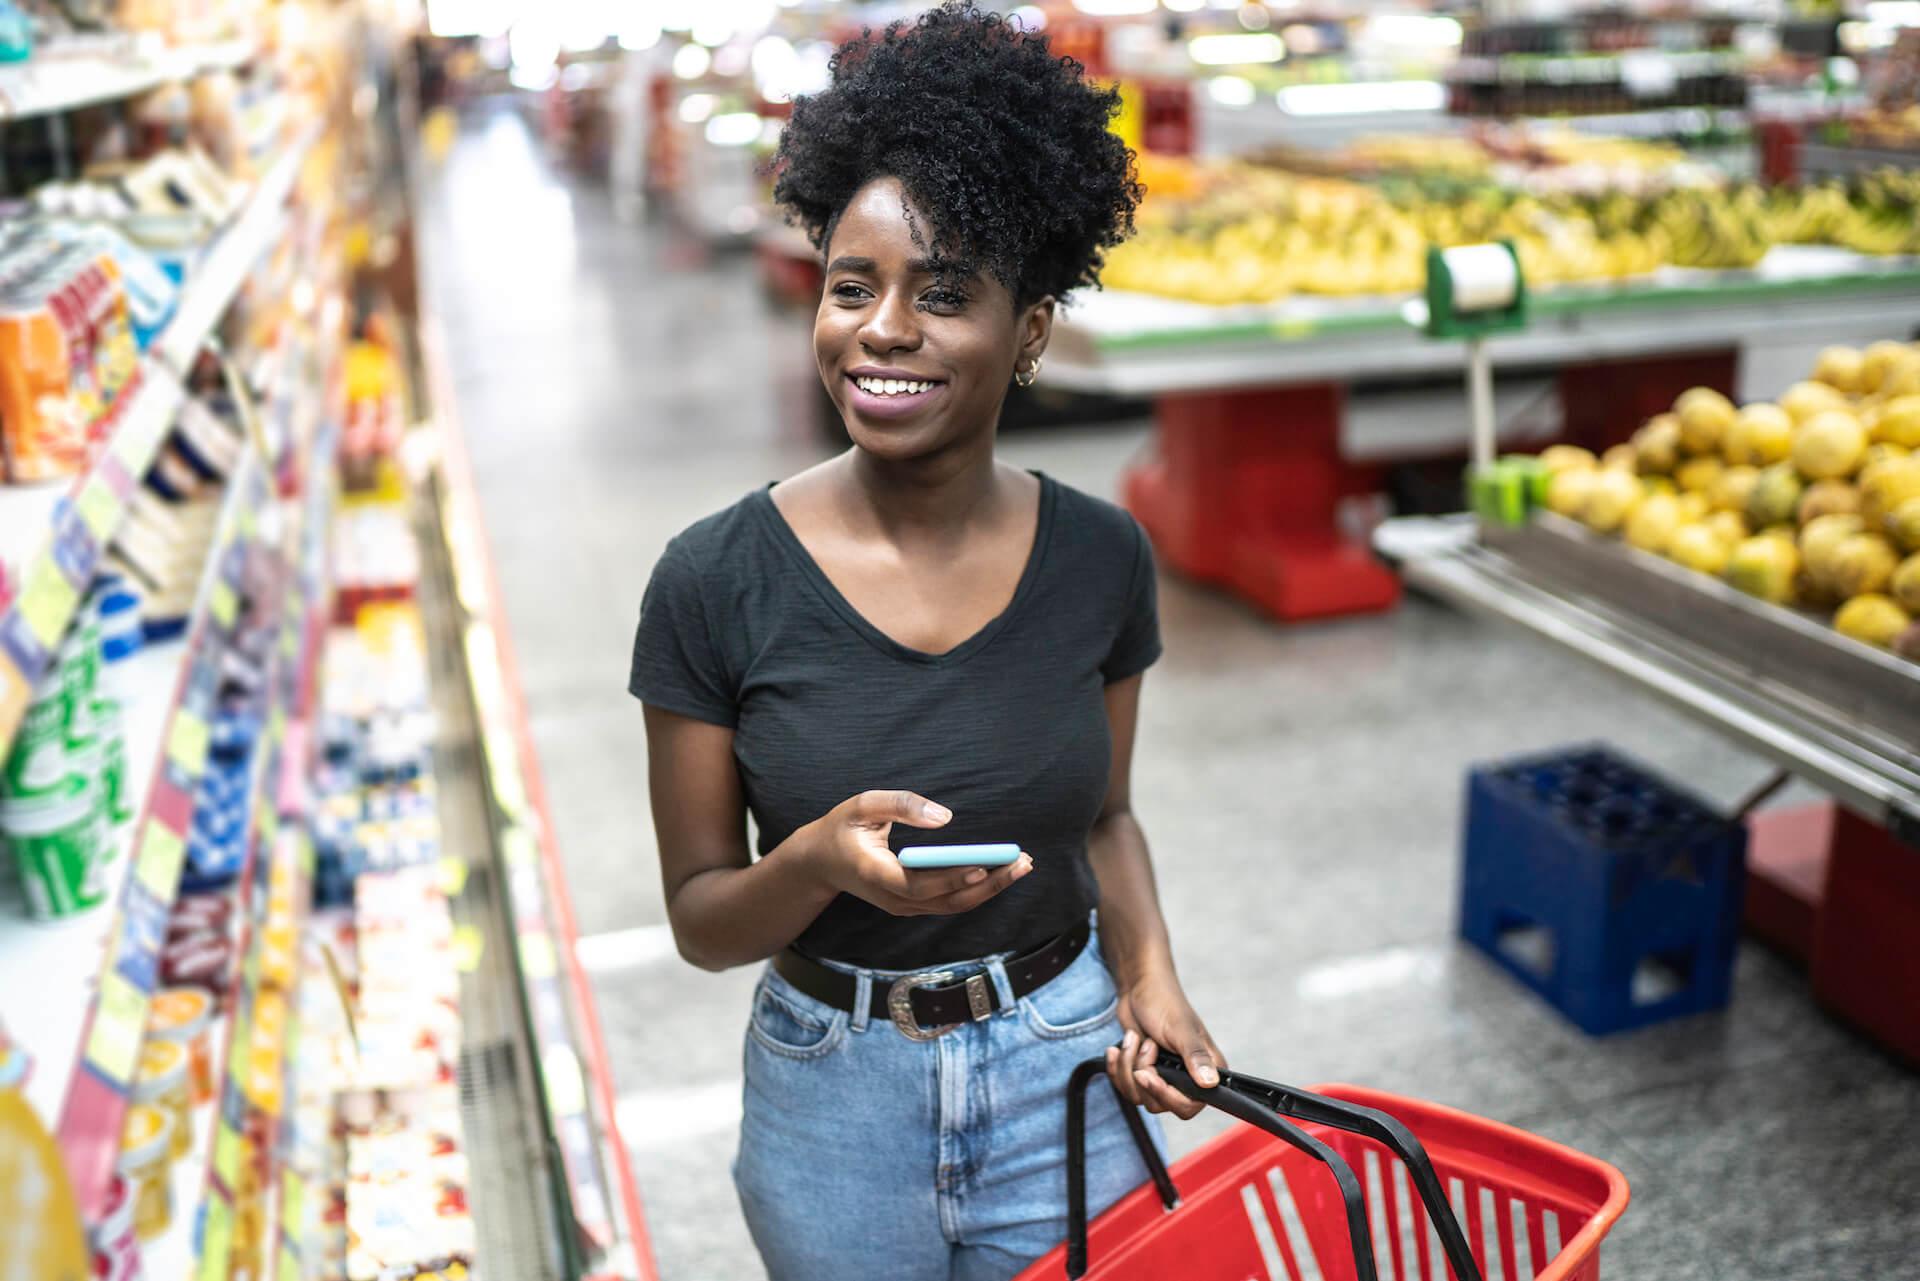 Woman going through shopping list in shopping aisle